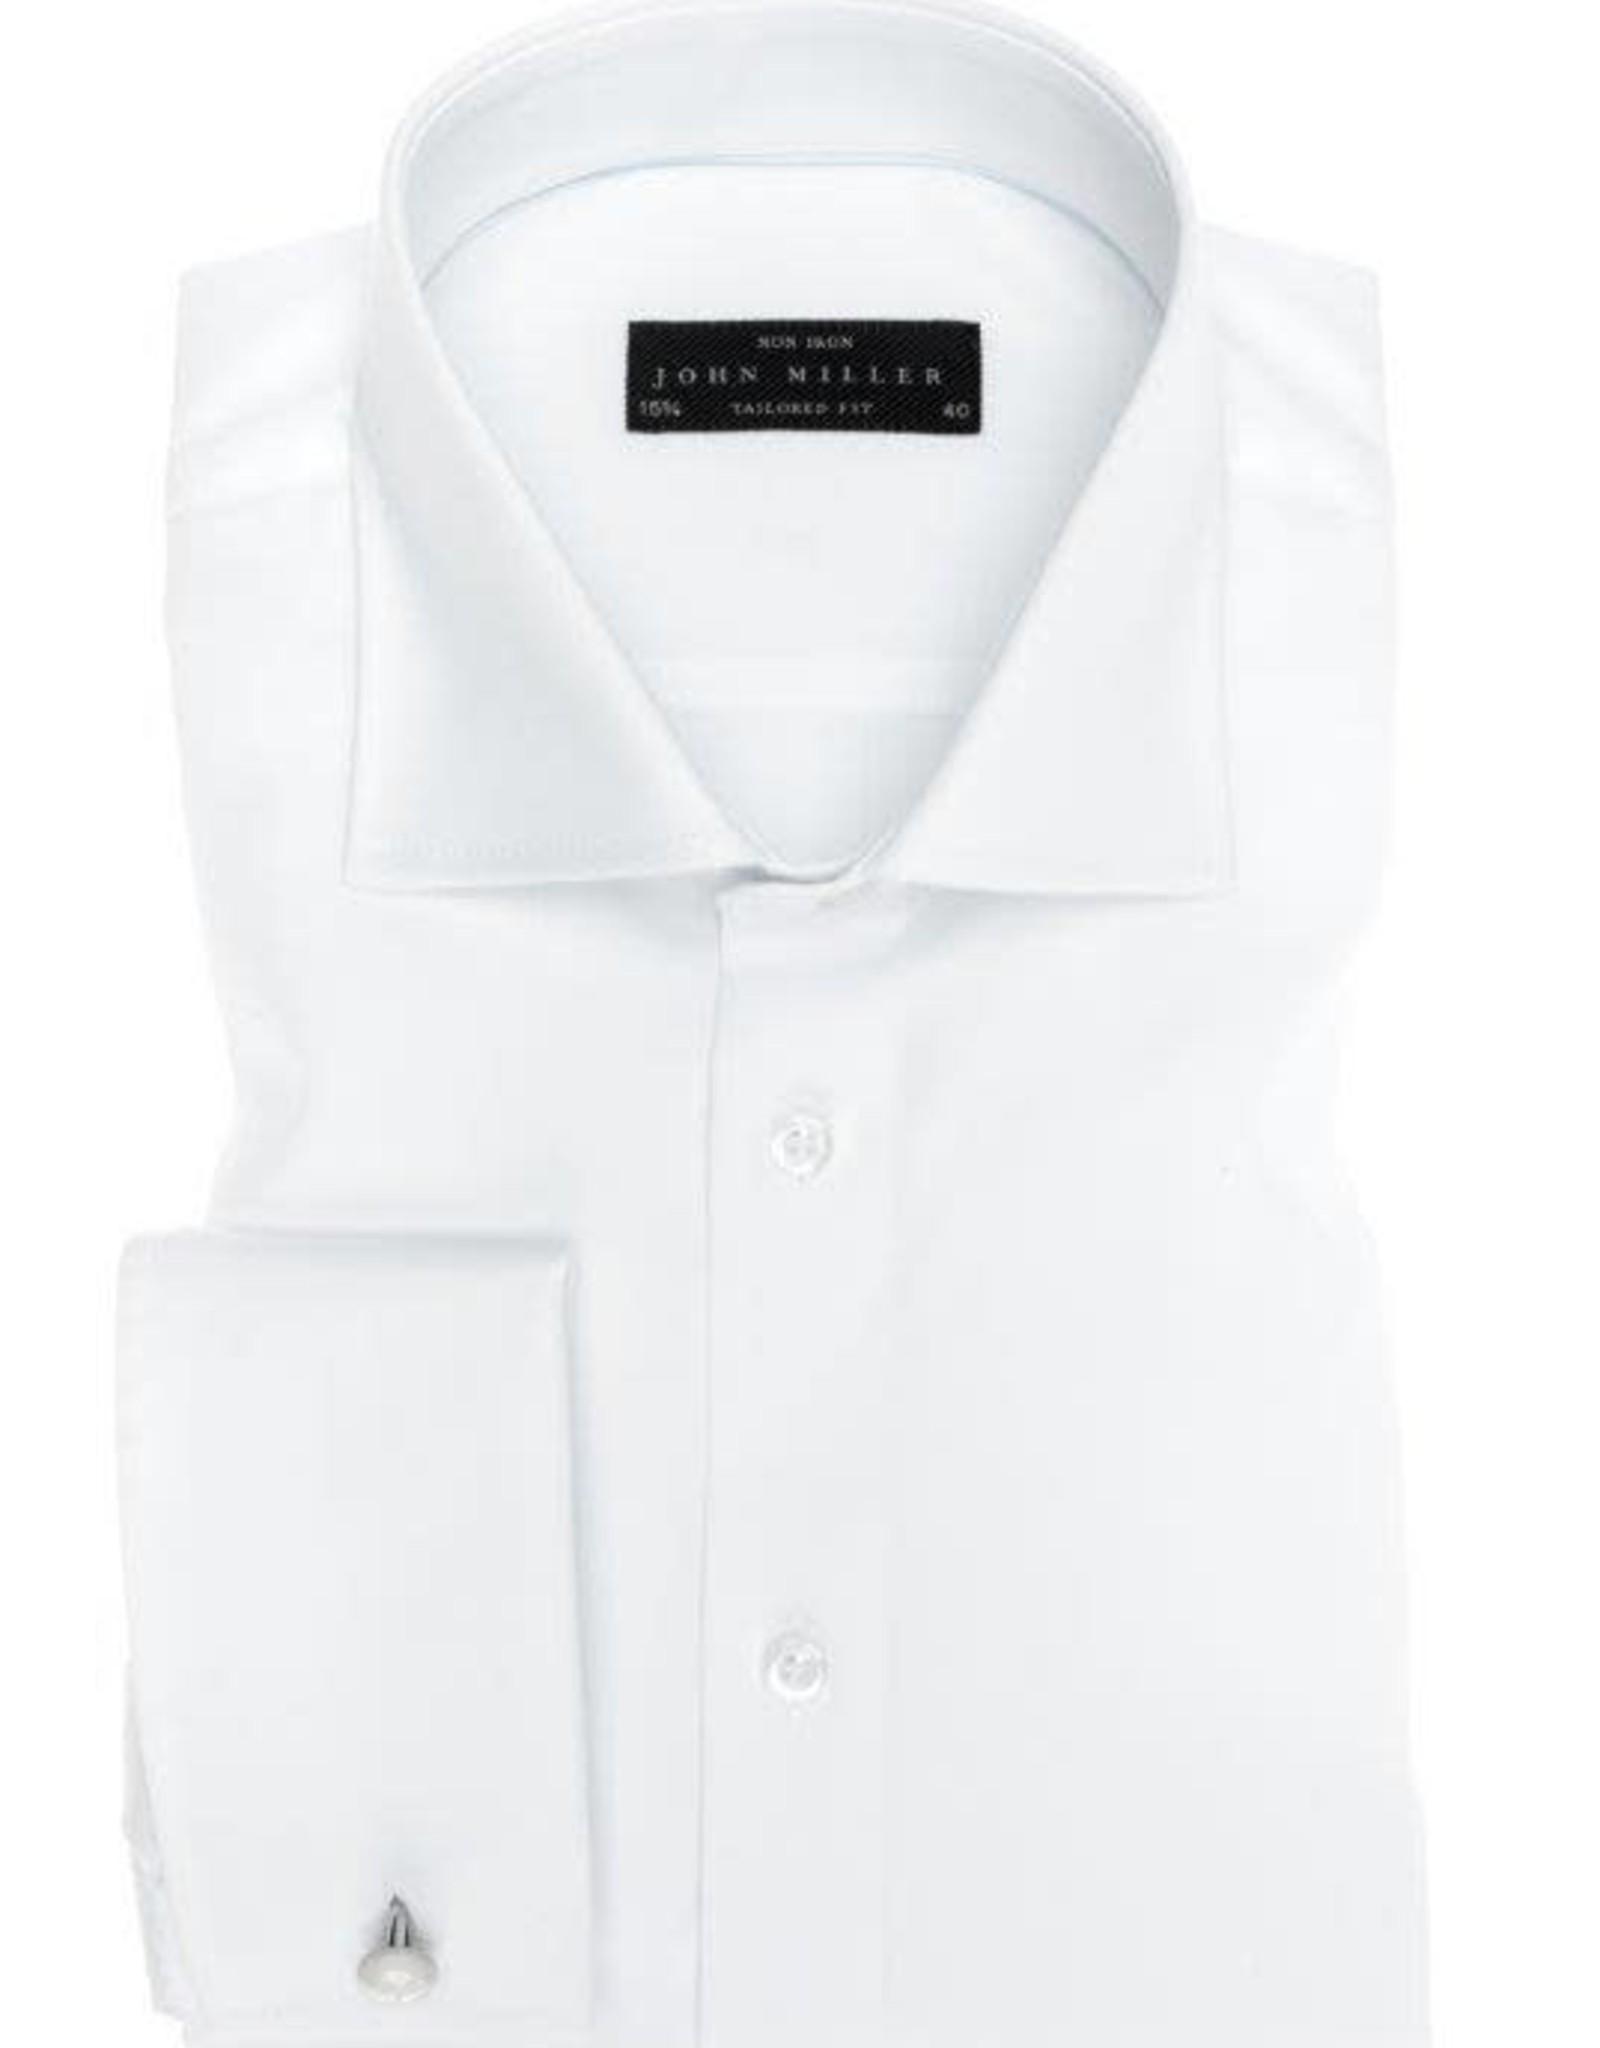 John Miller tailored fit overhemd wit met dubbele manchet en wide spread boord